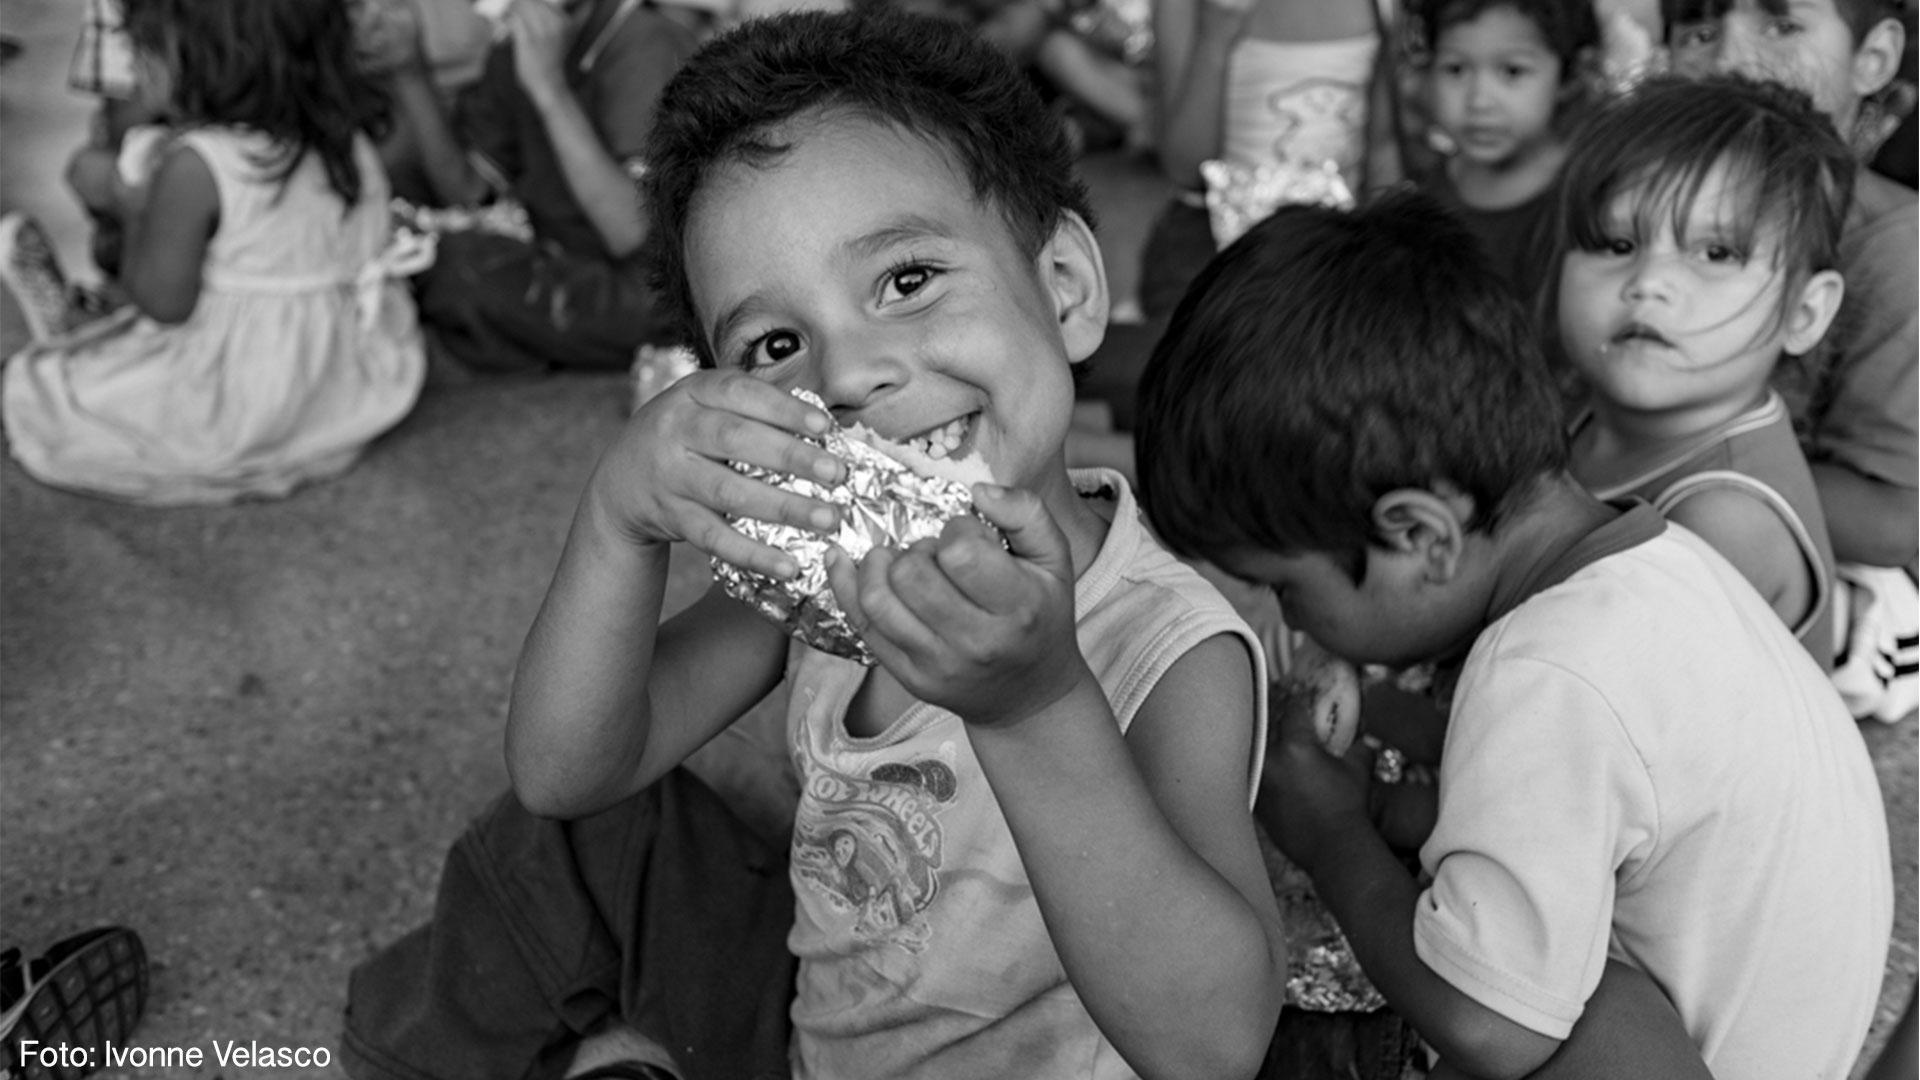 Los que no se rinden | Alimenta La Solidaridad da comida a 14.400 niños venezolanos